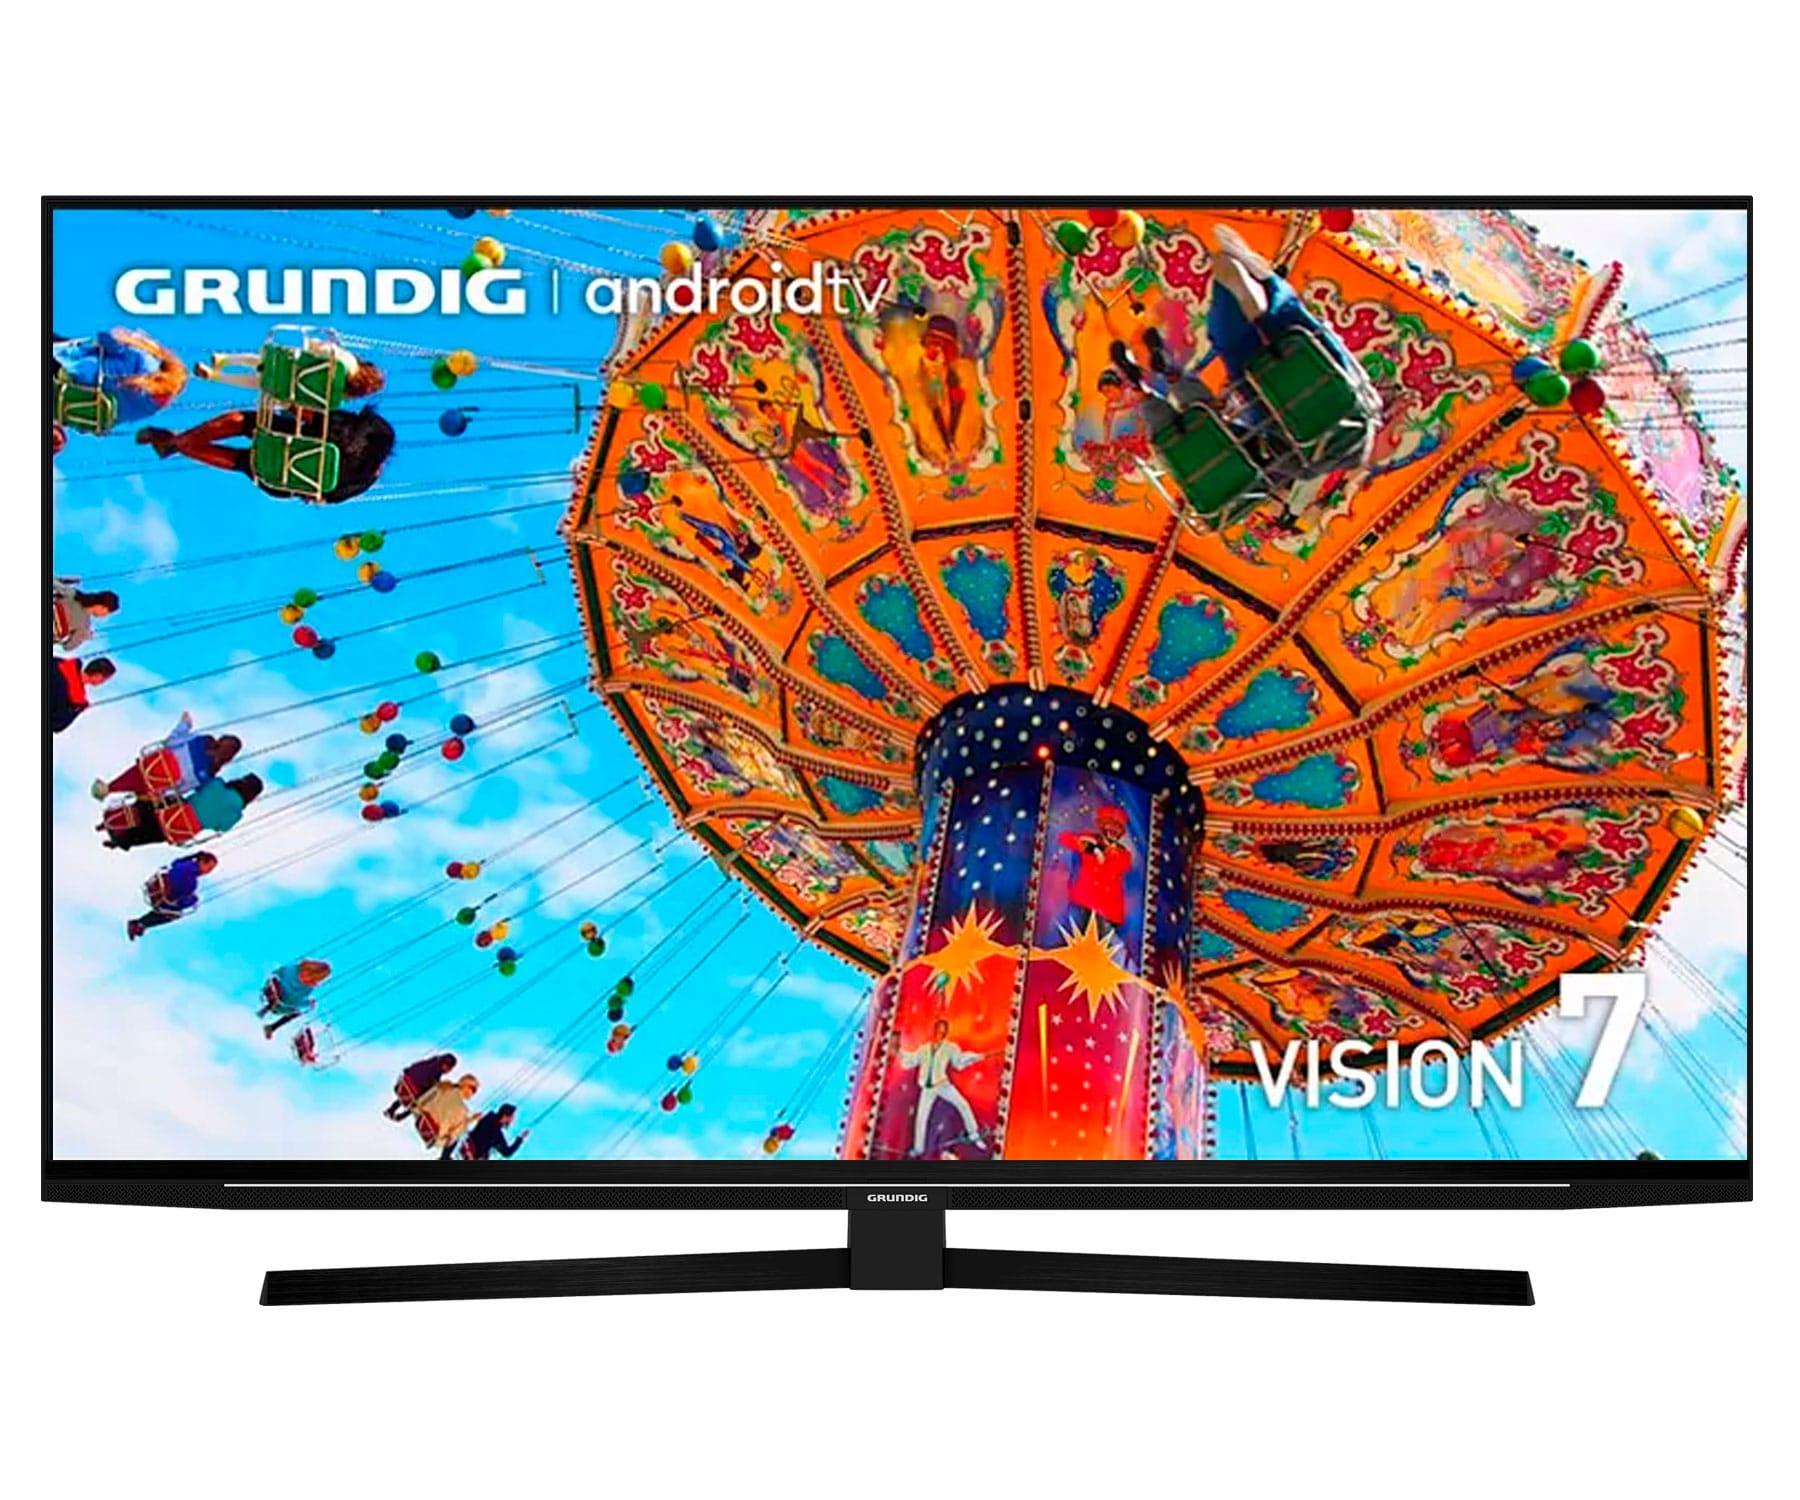 GRUNDIG 65GFU7990B TELEVISOR SMART TV 65'' UHD 4K HDR